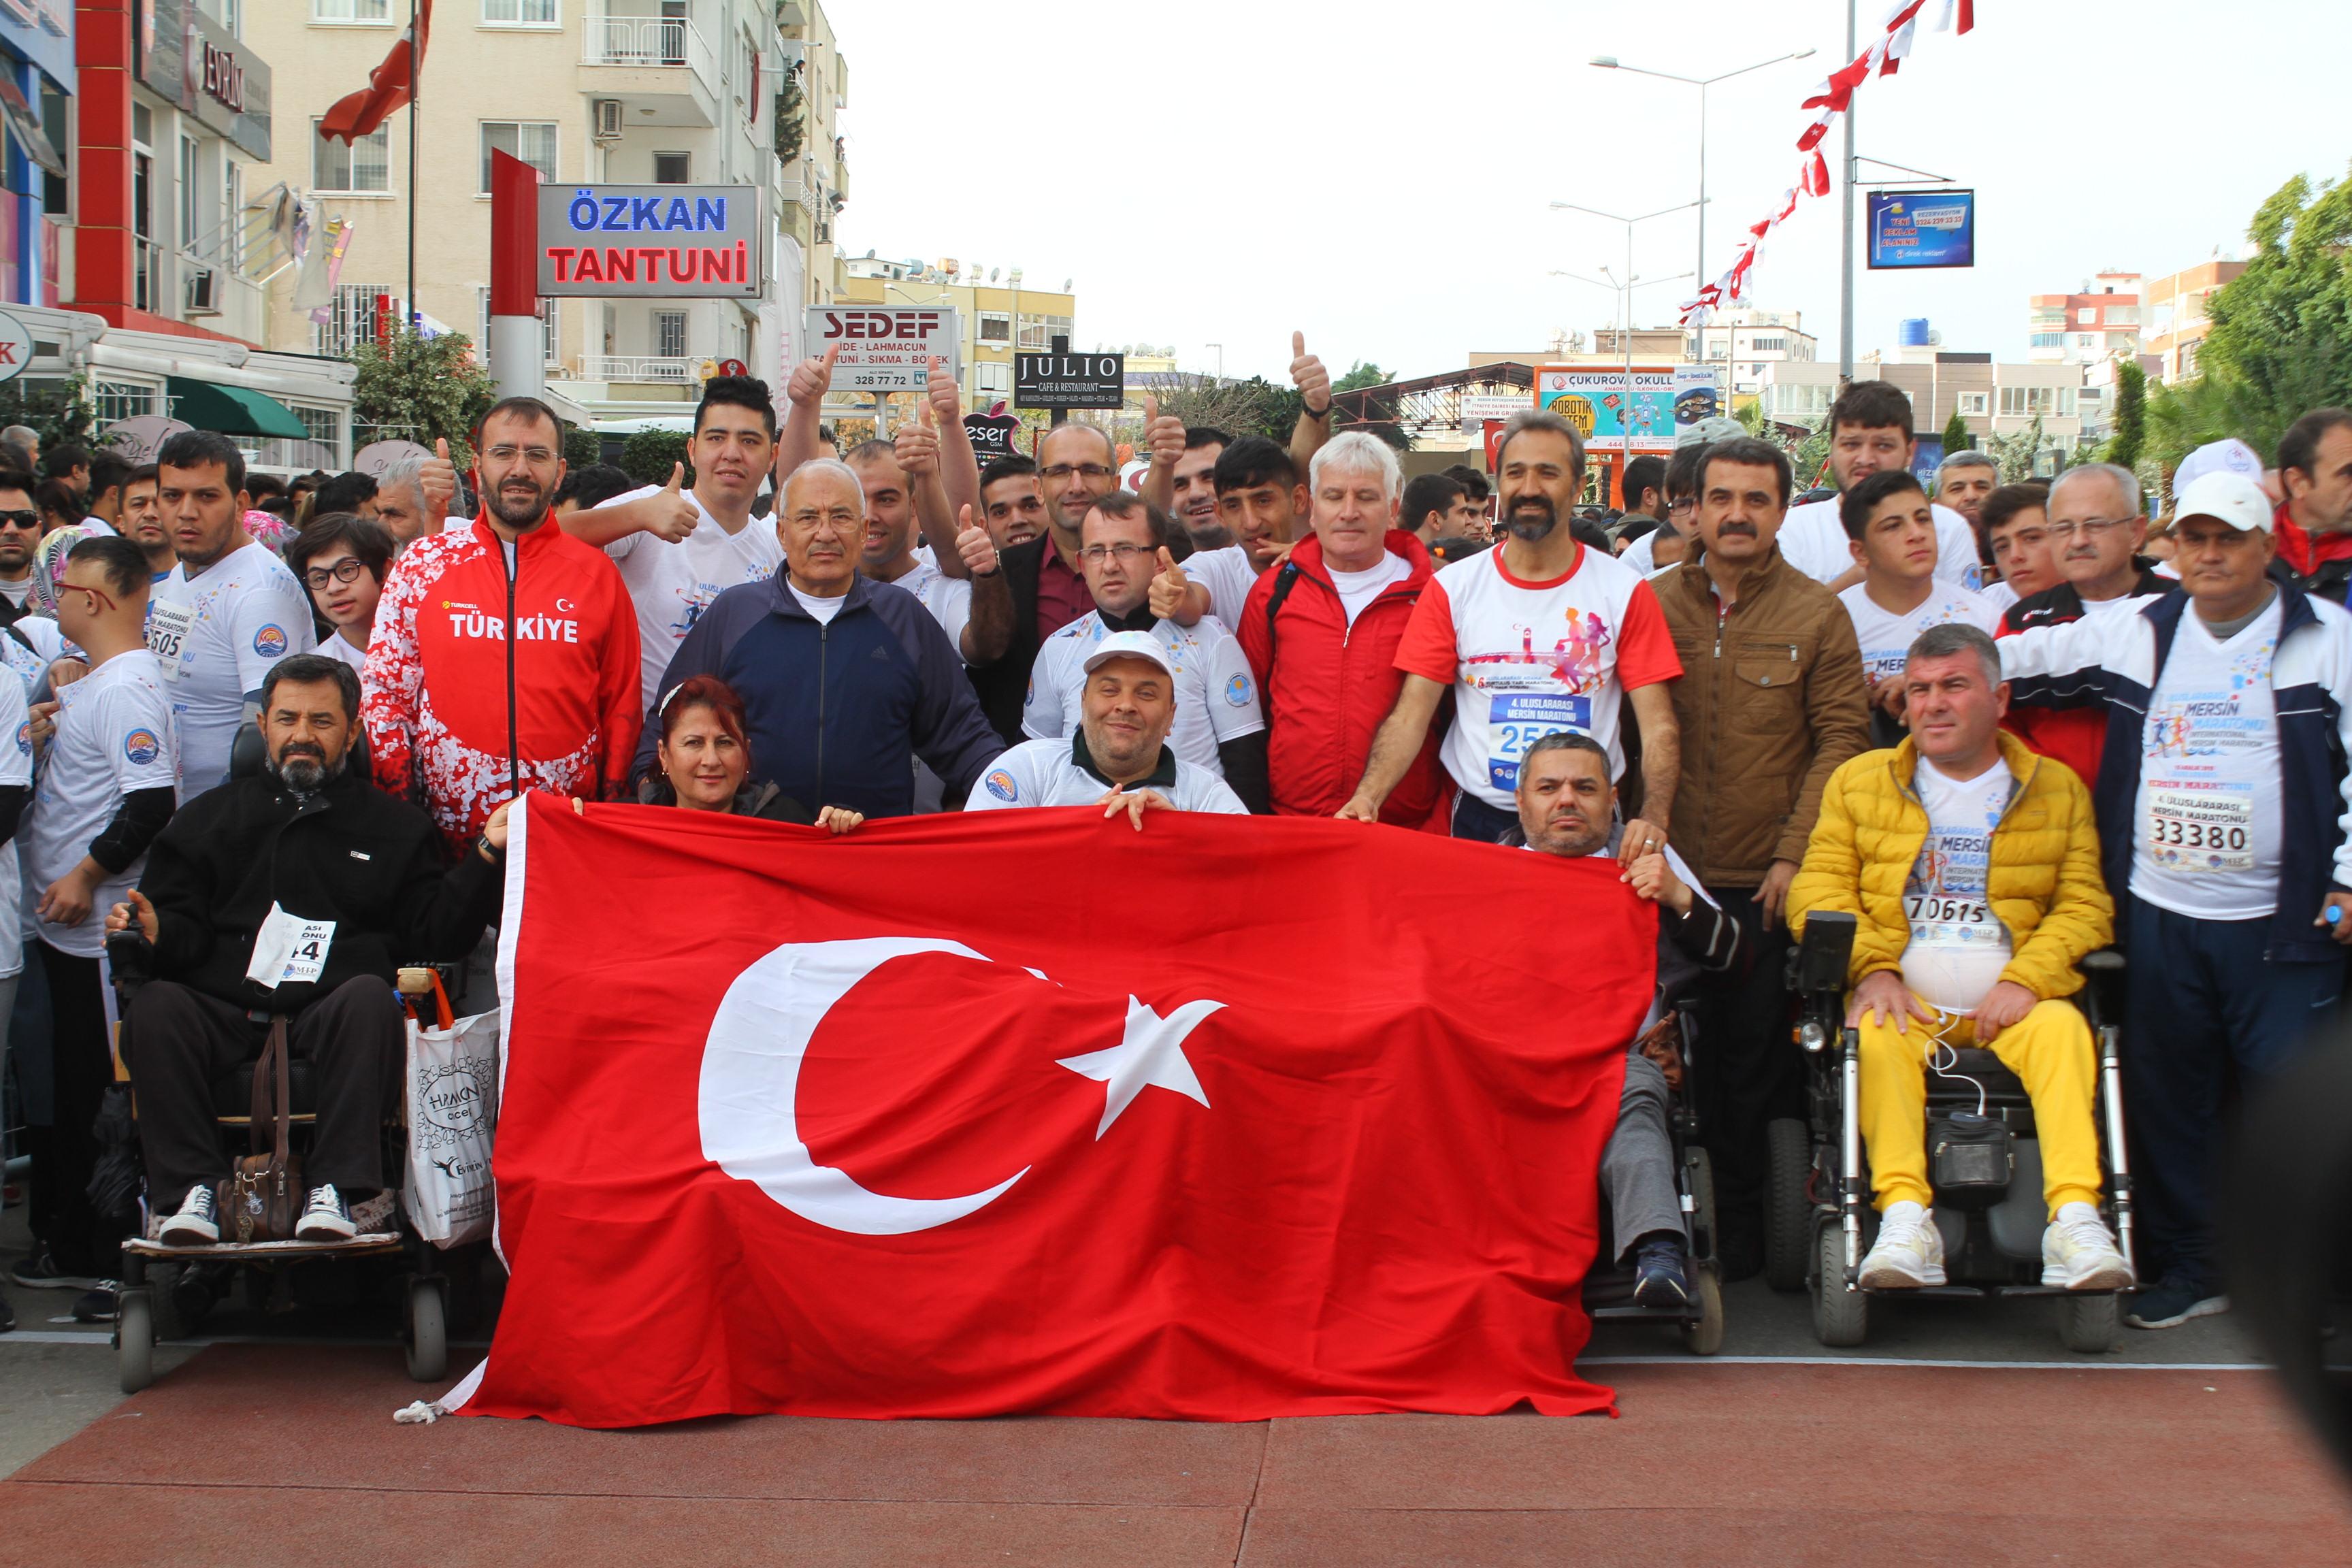 Mersin'de Maraton heyecanı yaşandı